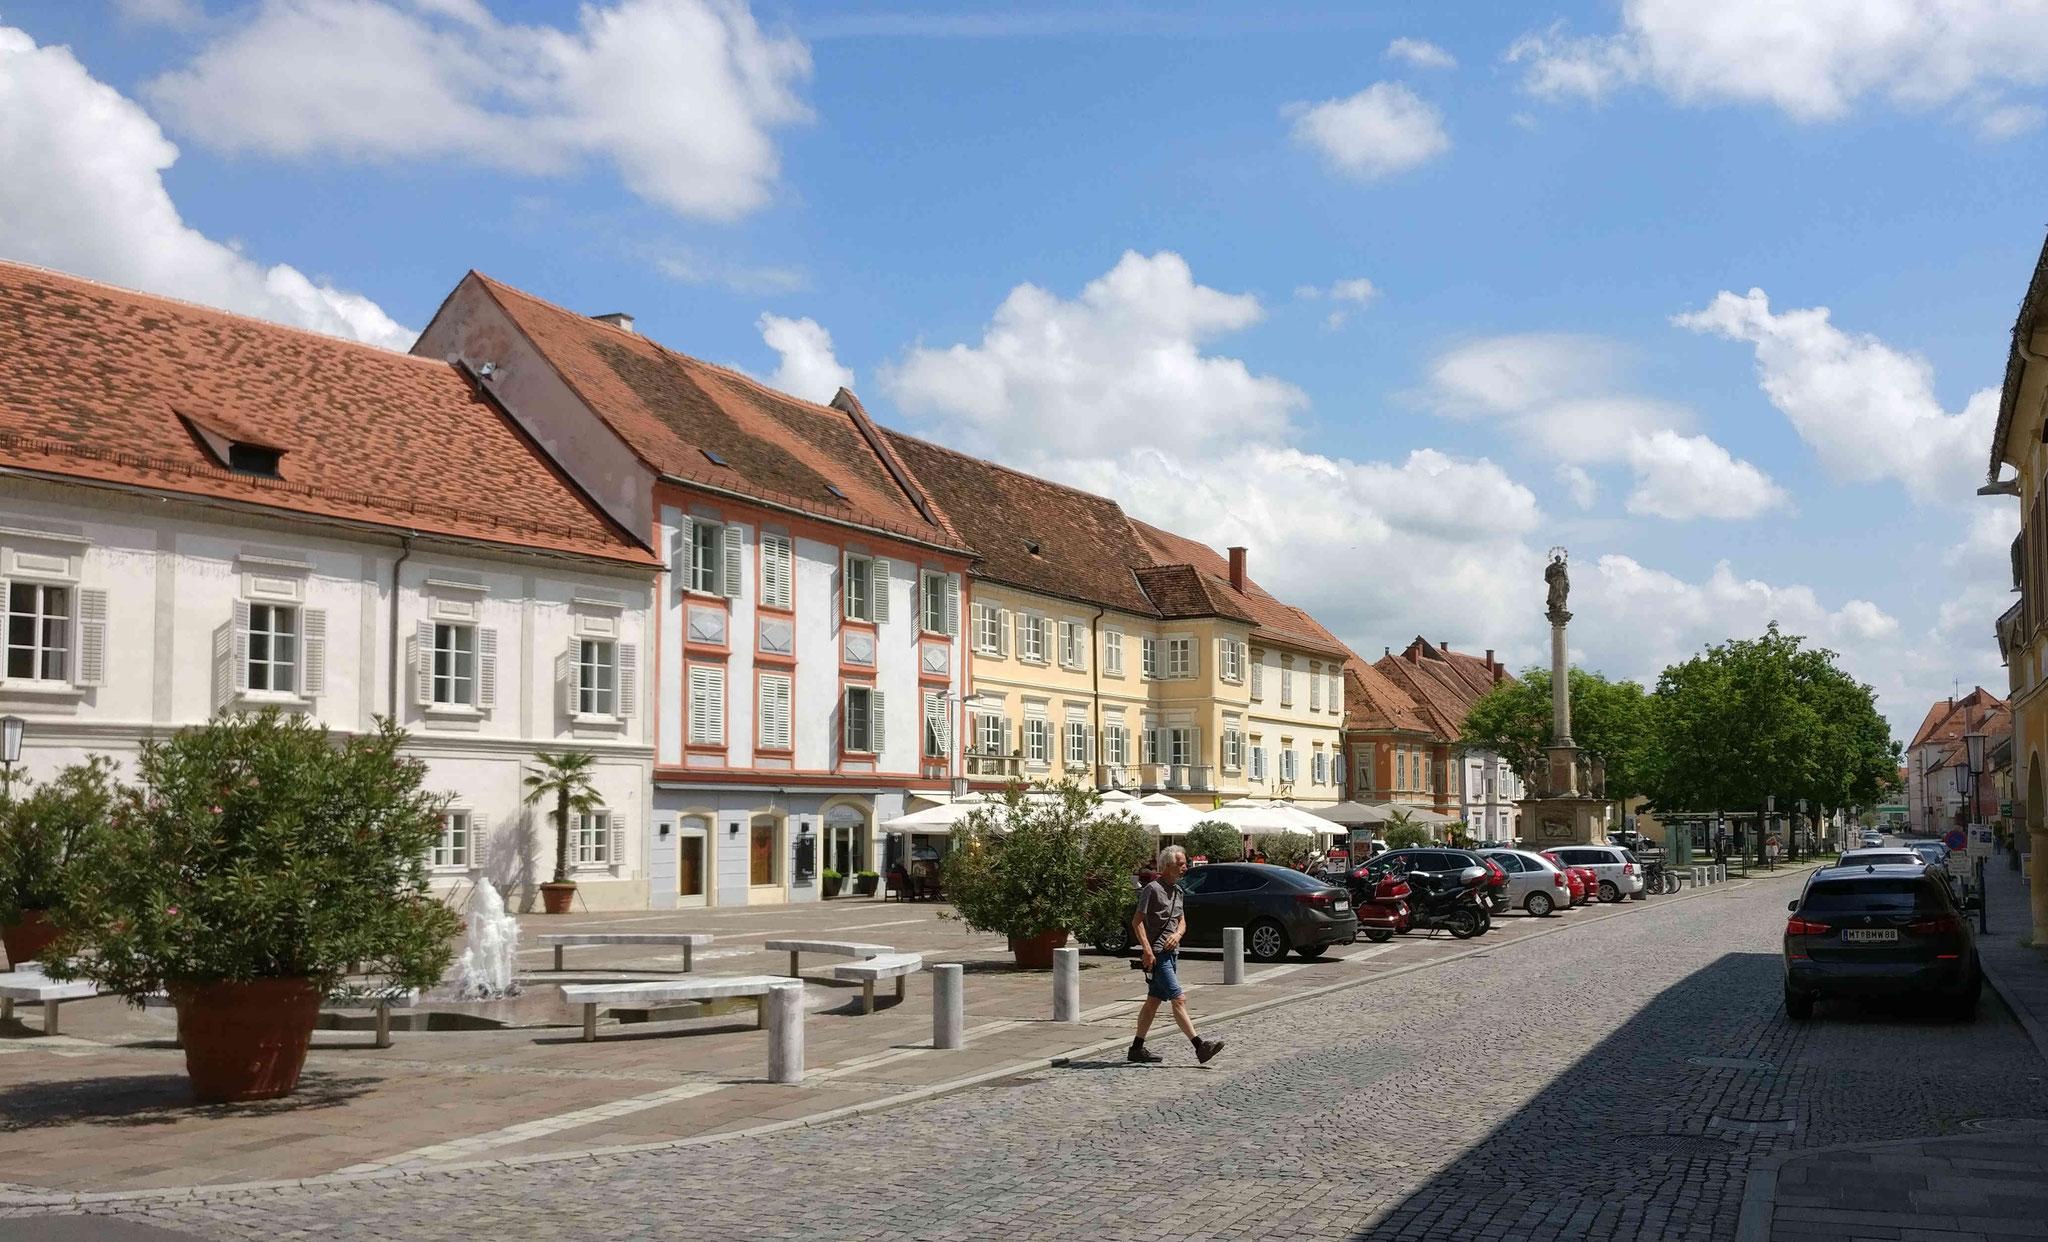 Hauptplatz in Bad Radkersburg